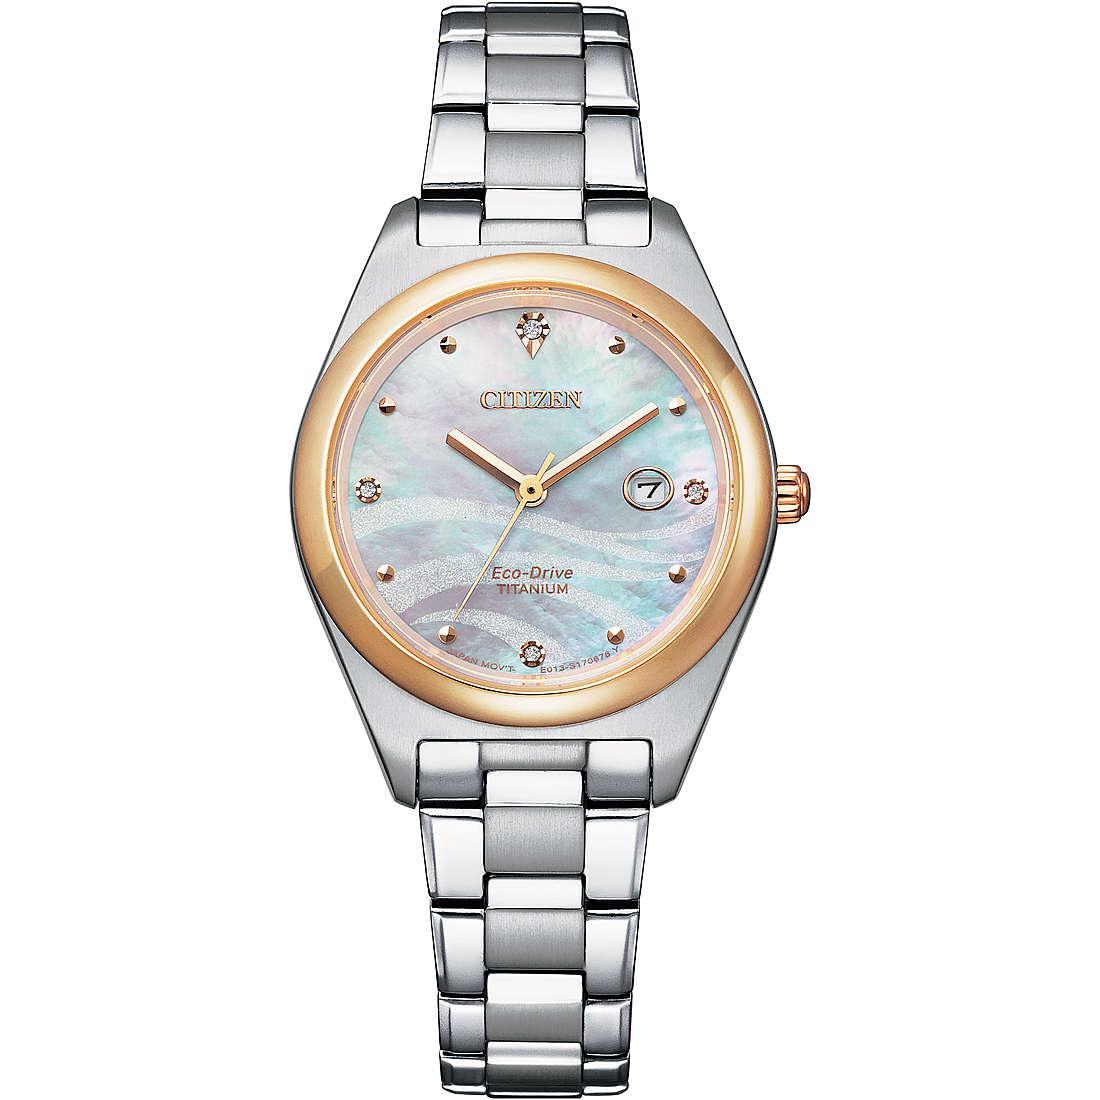 Orologio solo tempo donna citizen lady ew2606 87y